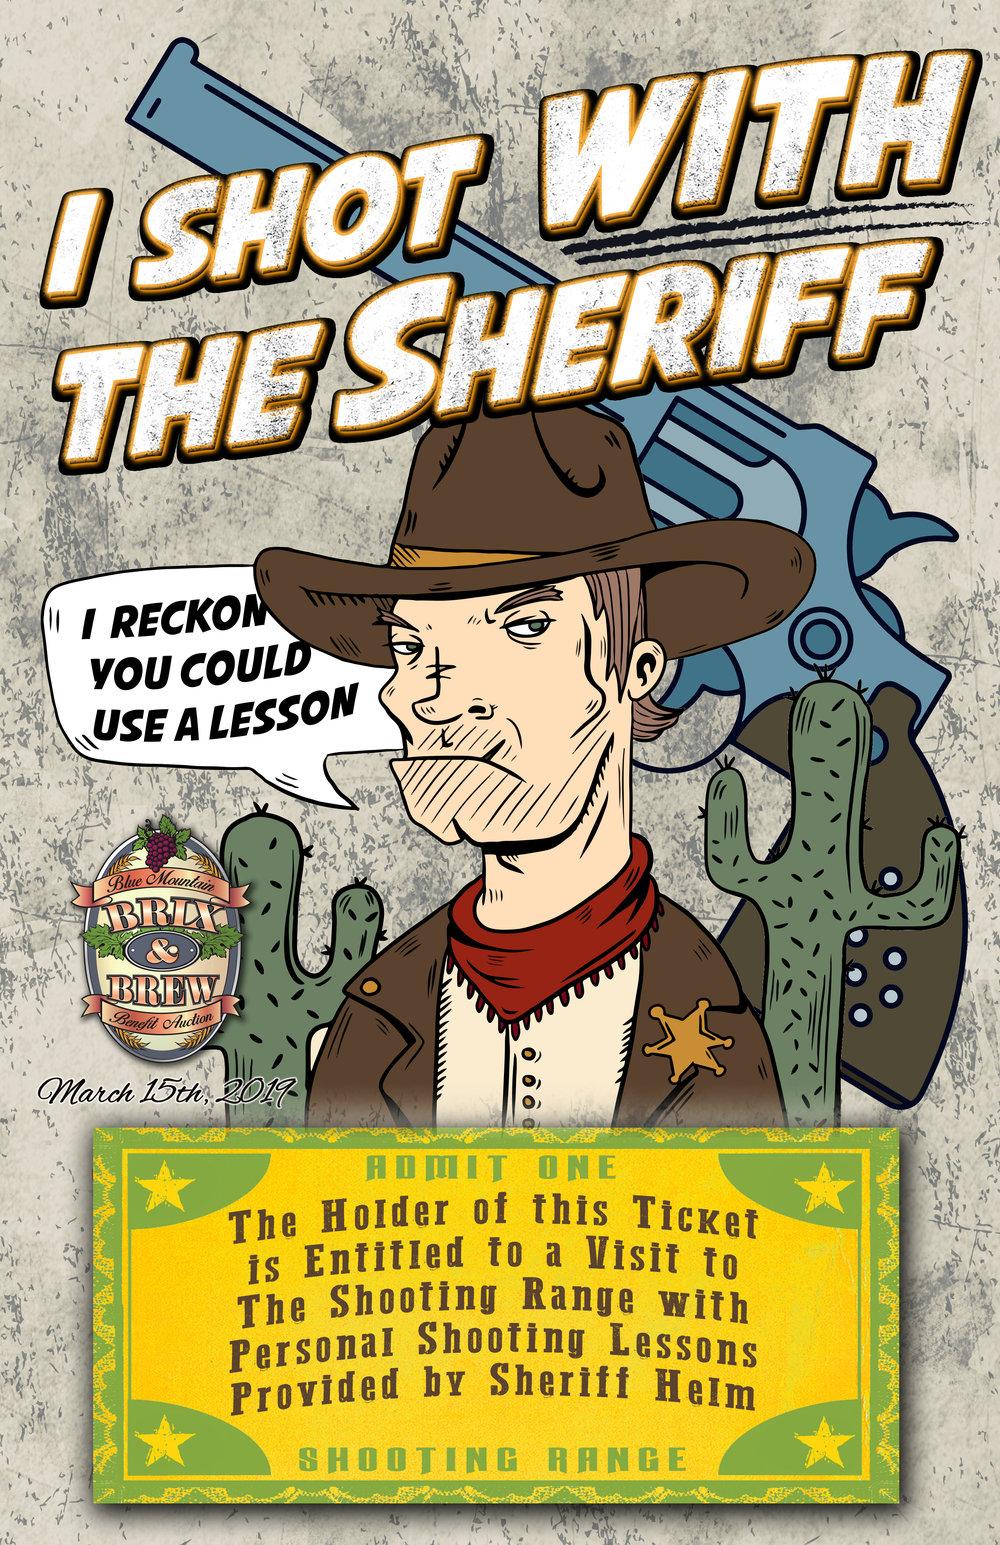 SHERIFF POSTER.jpg